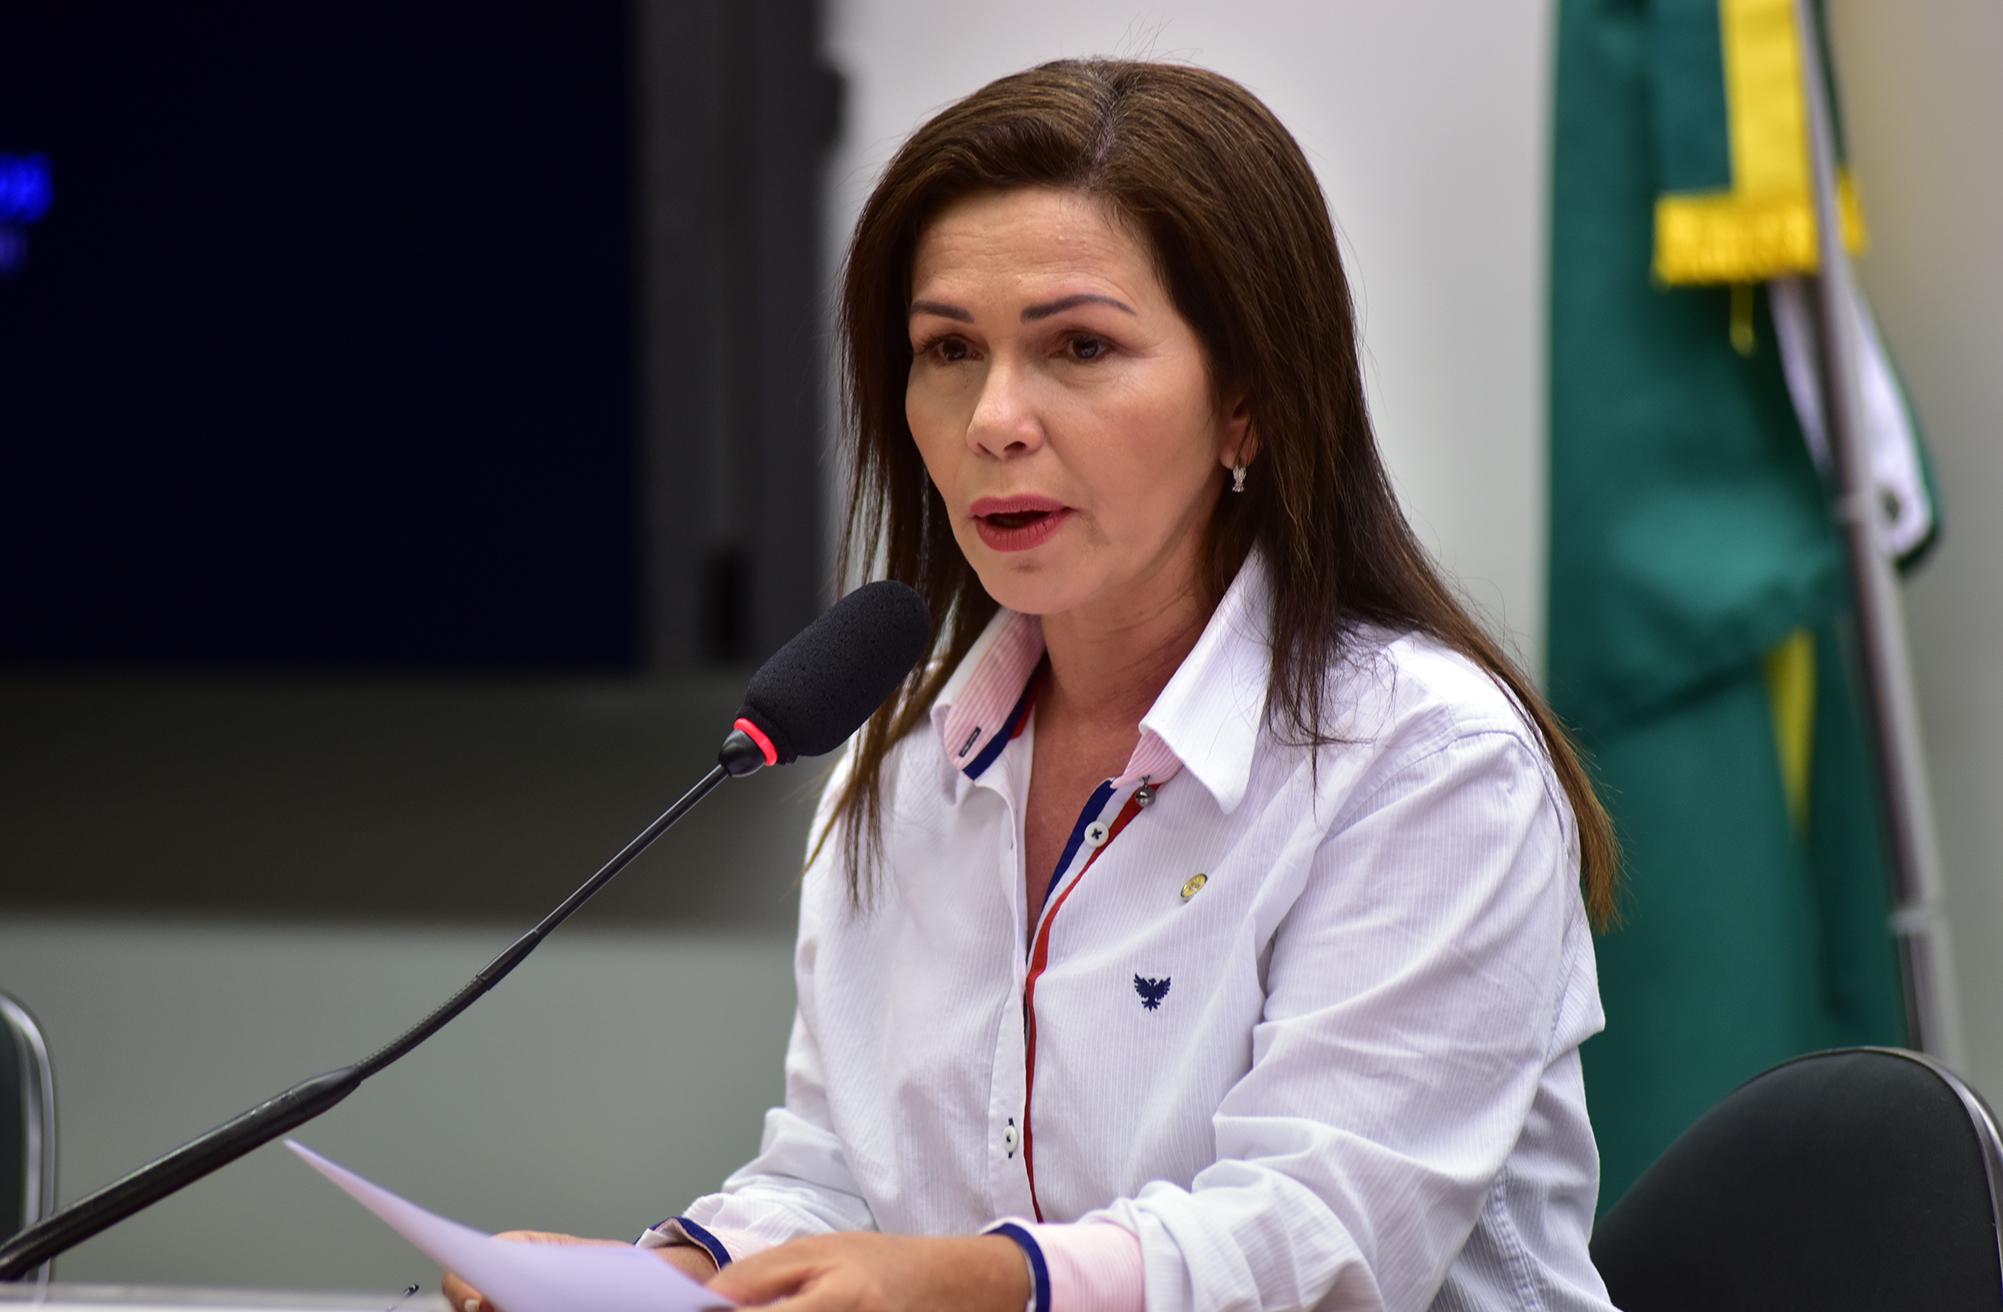 Audiência pública sobre a utilização de biotecnologia para o combate ao mosquito Aedes Aegypti. Dep. Conceição Sampaio (PP-AM)